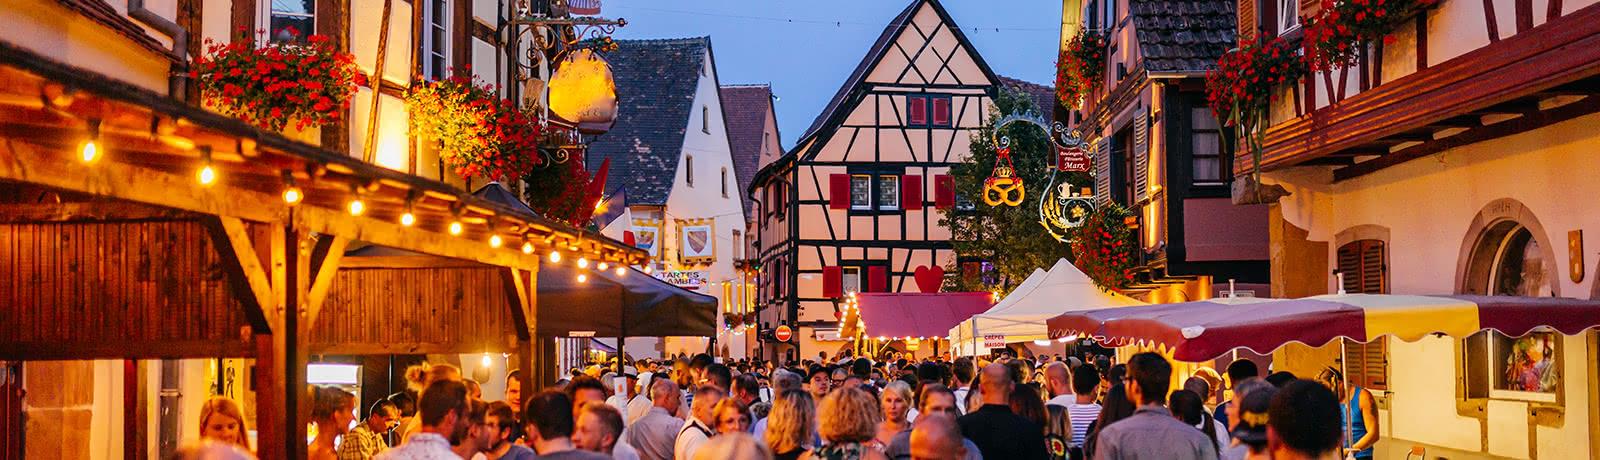 Fête du vin Eguisheim